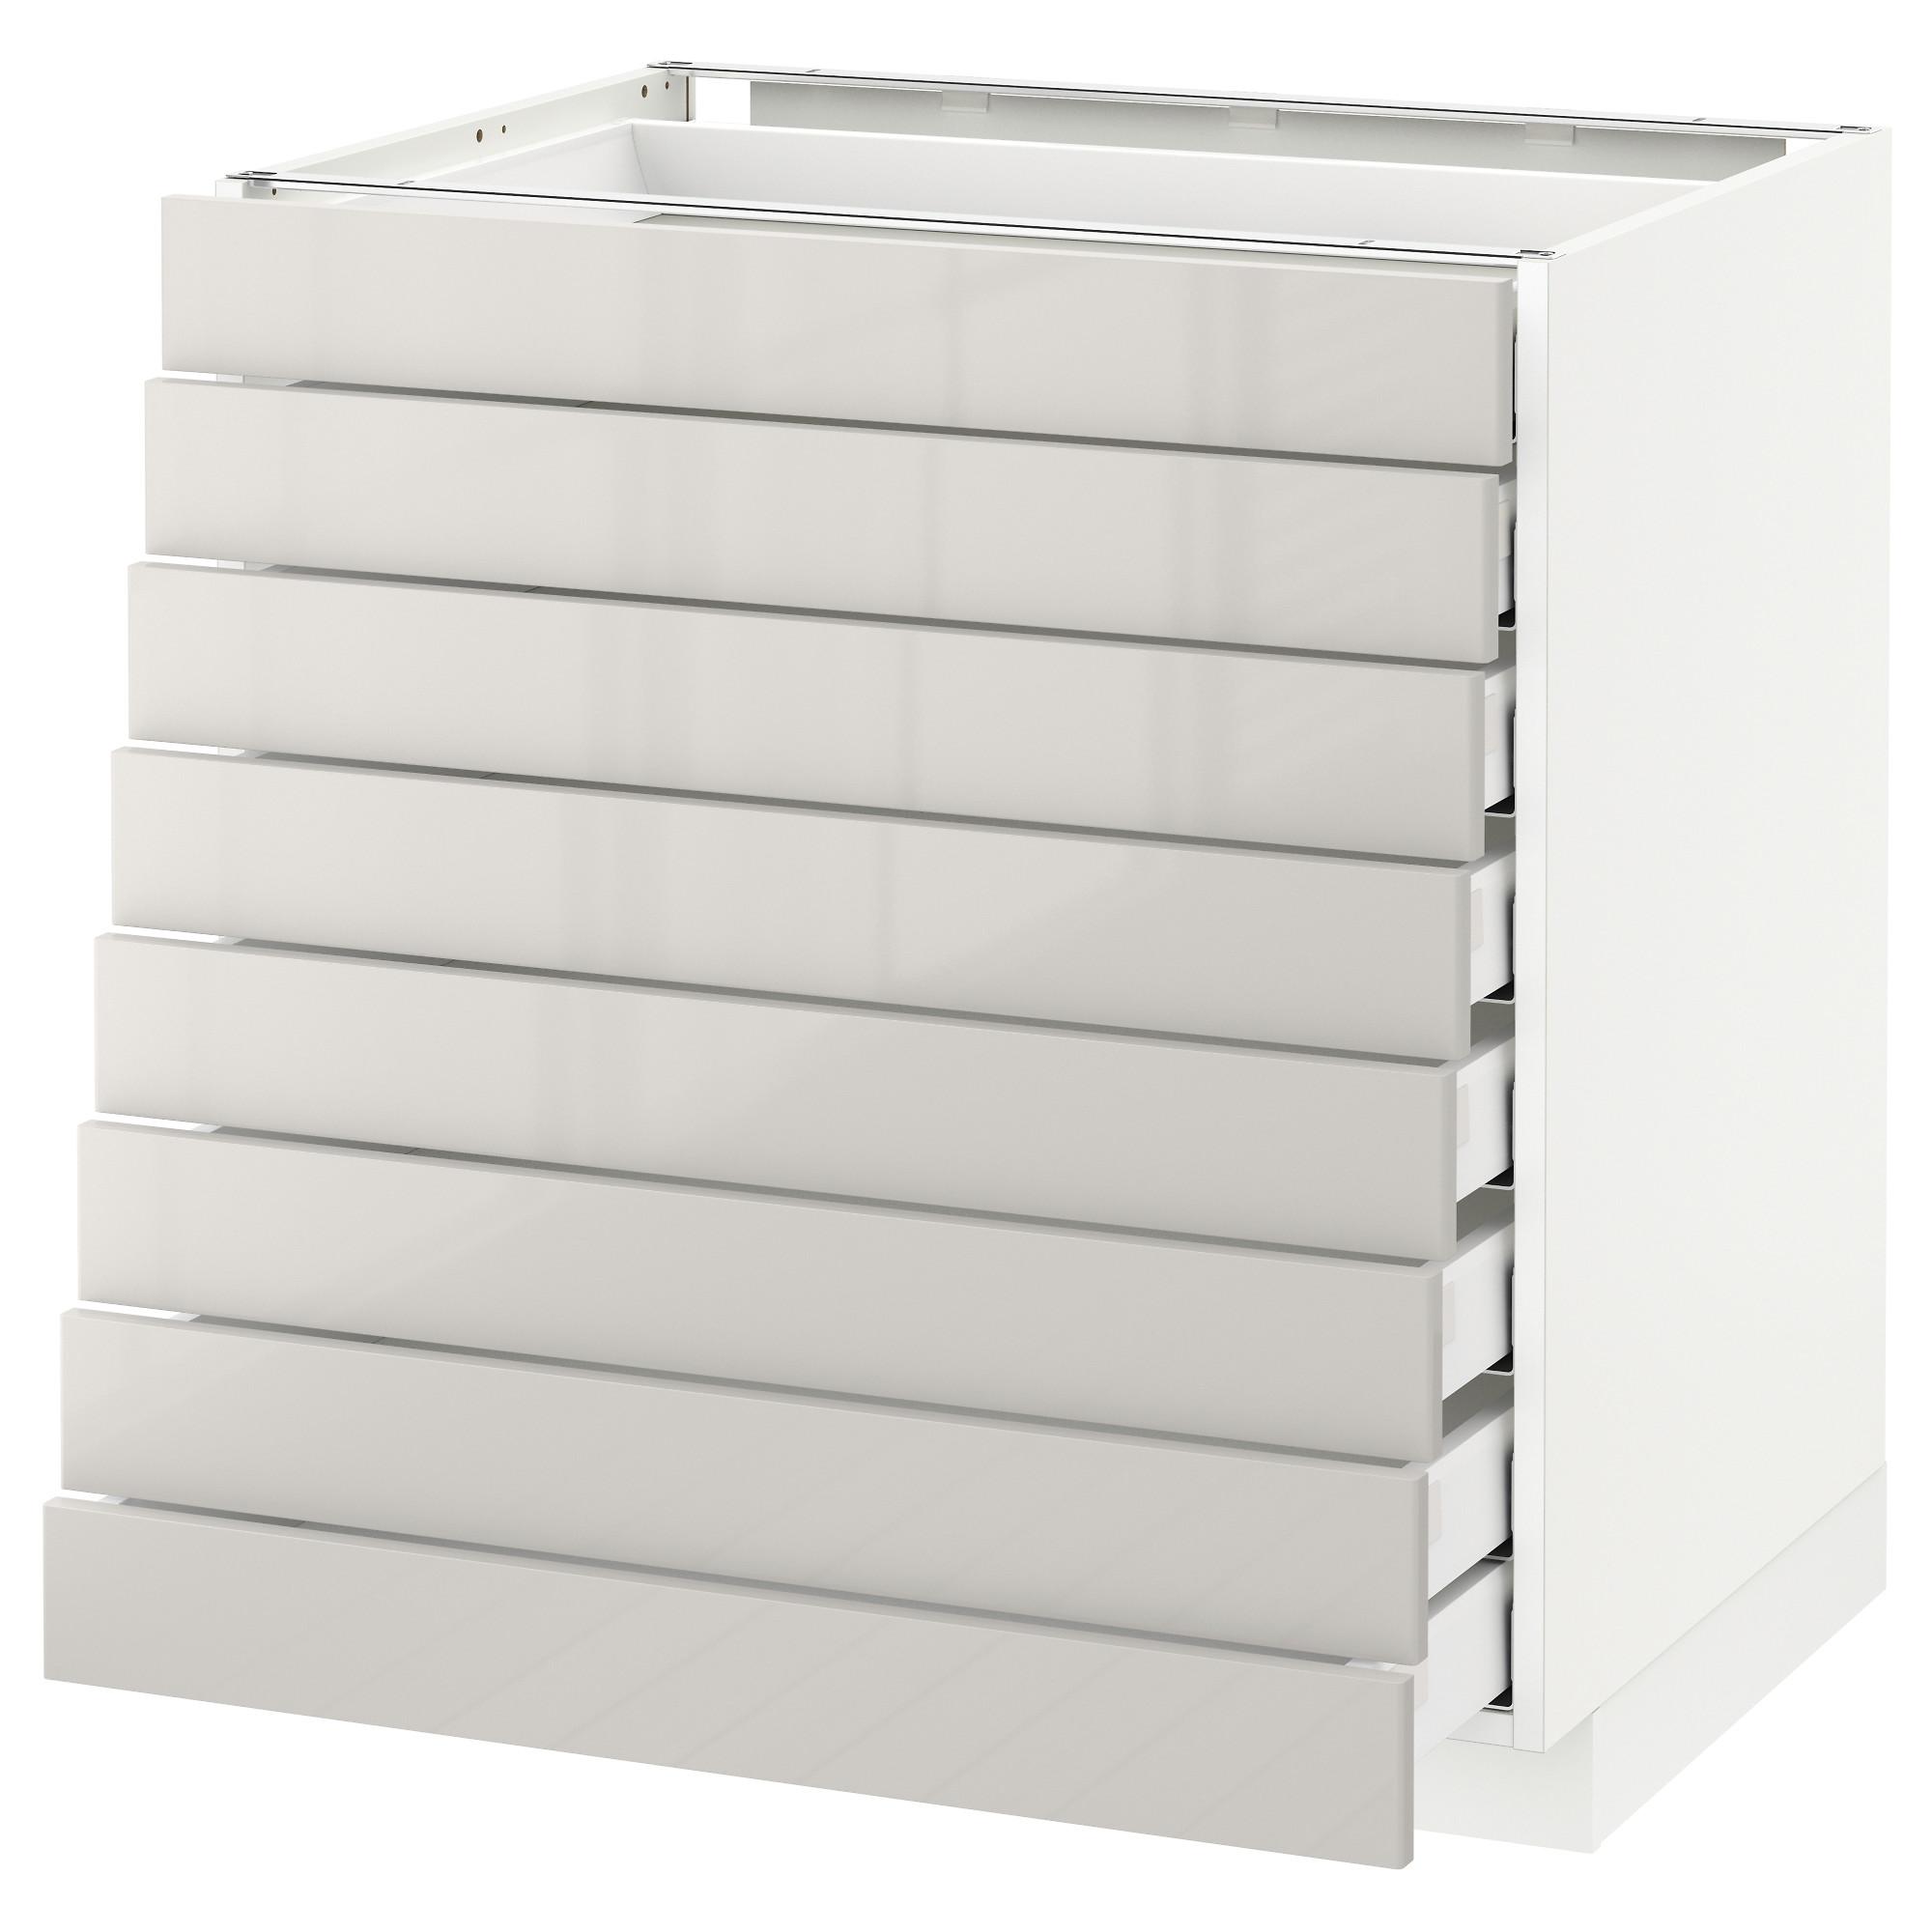 Напольный шкаф 8 фронтальных, 8 низких ящиков МЕТОД / МАКСИМЕРА светло-серый артикуль № 092.343.06 в наличии. Online сайт IKEA РБ. Недорогая доставка и монтаж.